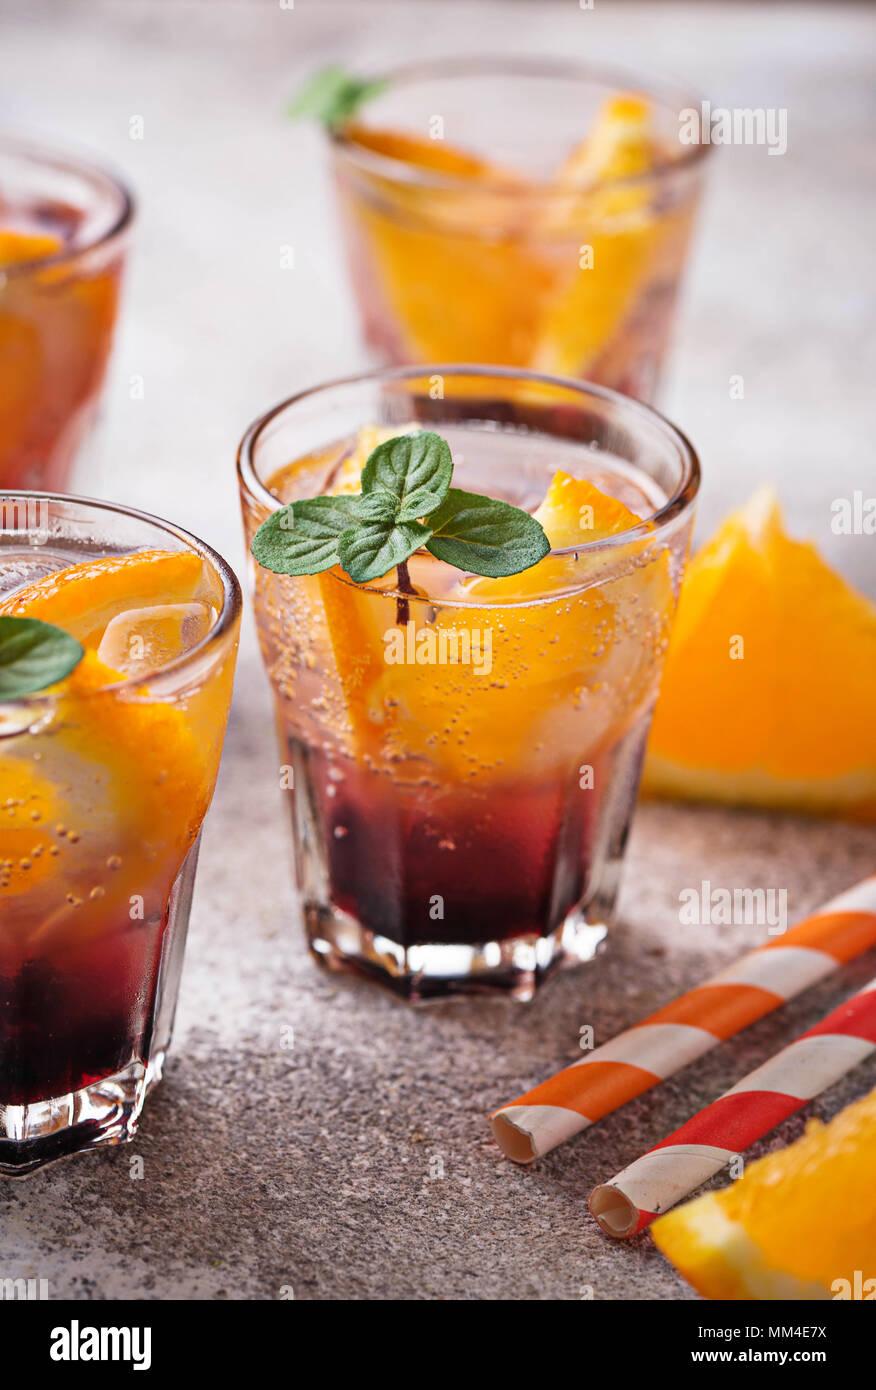 Bevanda estiva con arancia e bacche Immagini Stock